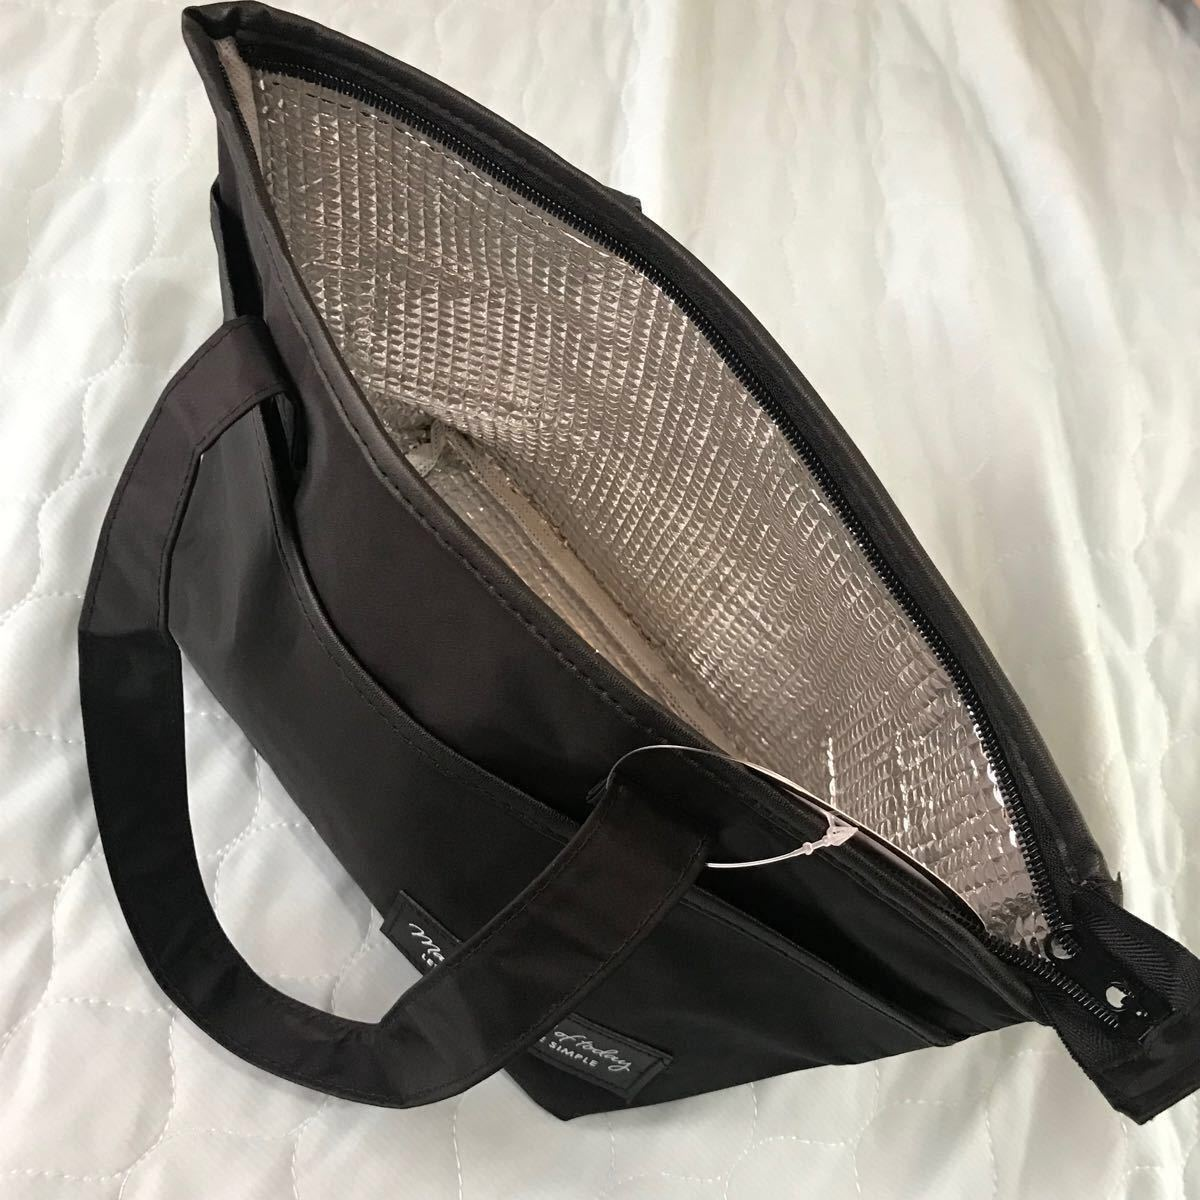 トートバッグ ランチバッグ保冷保温 レディースバッグ 黒 サブバッグ ミニバッグ コンパクトバッグ 弁当用品 キッチン用品